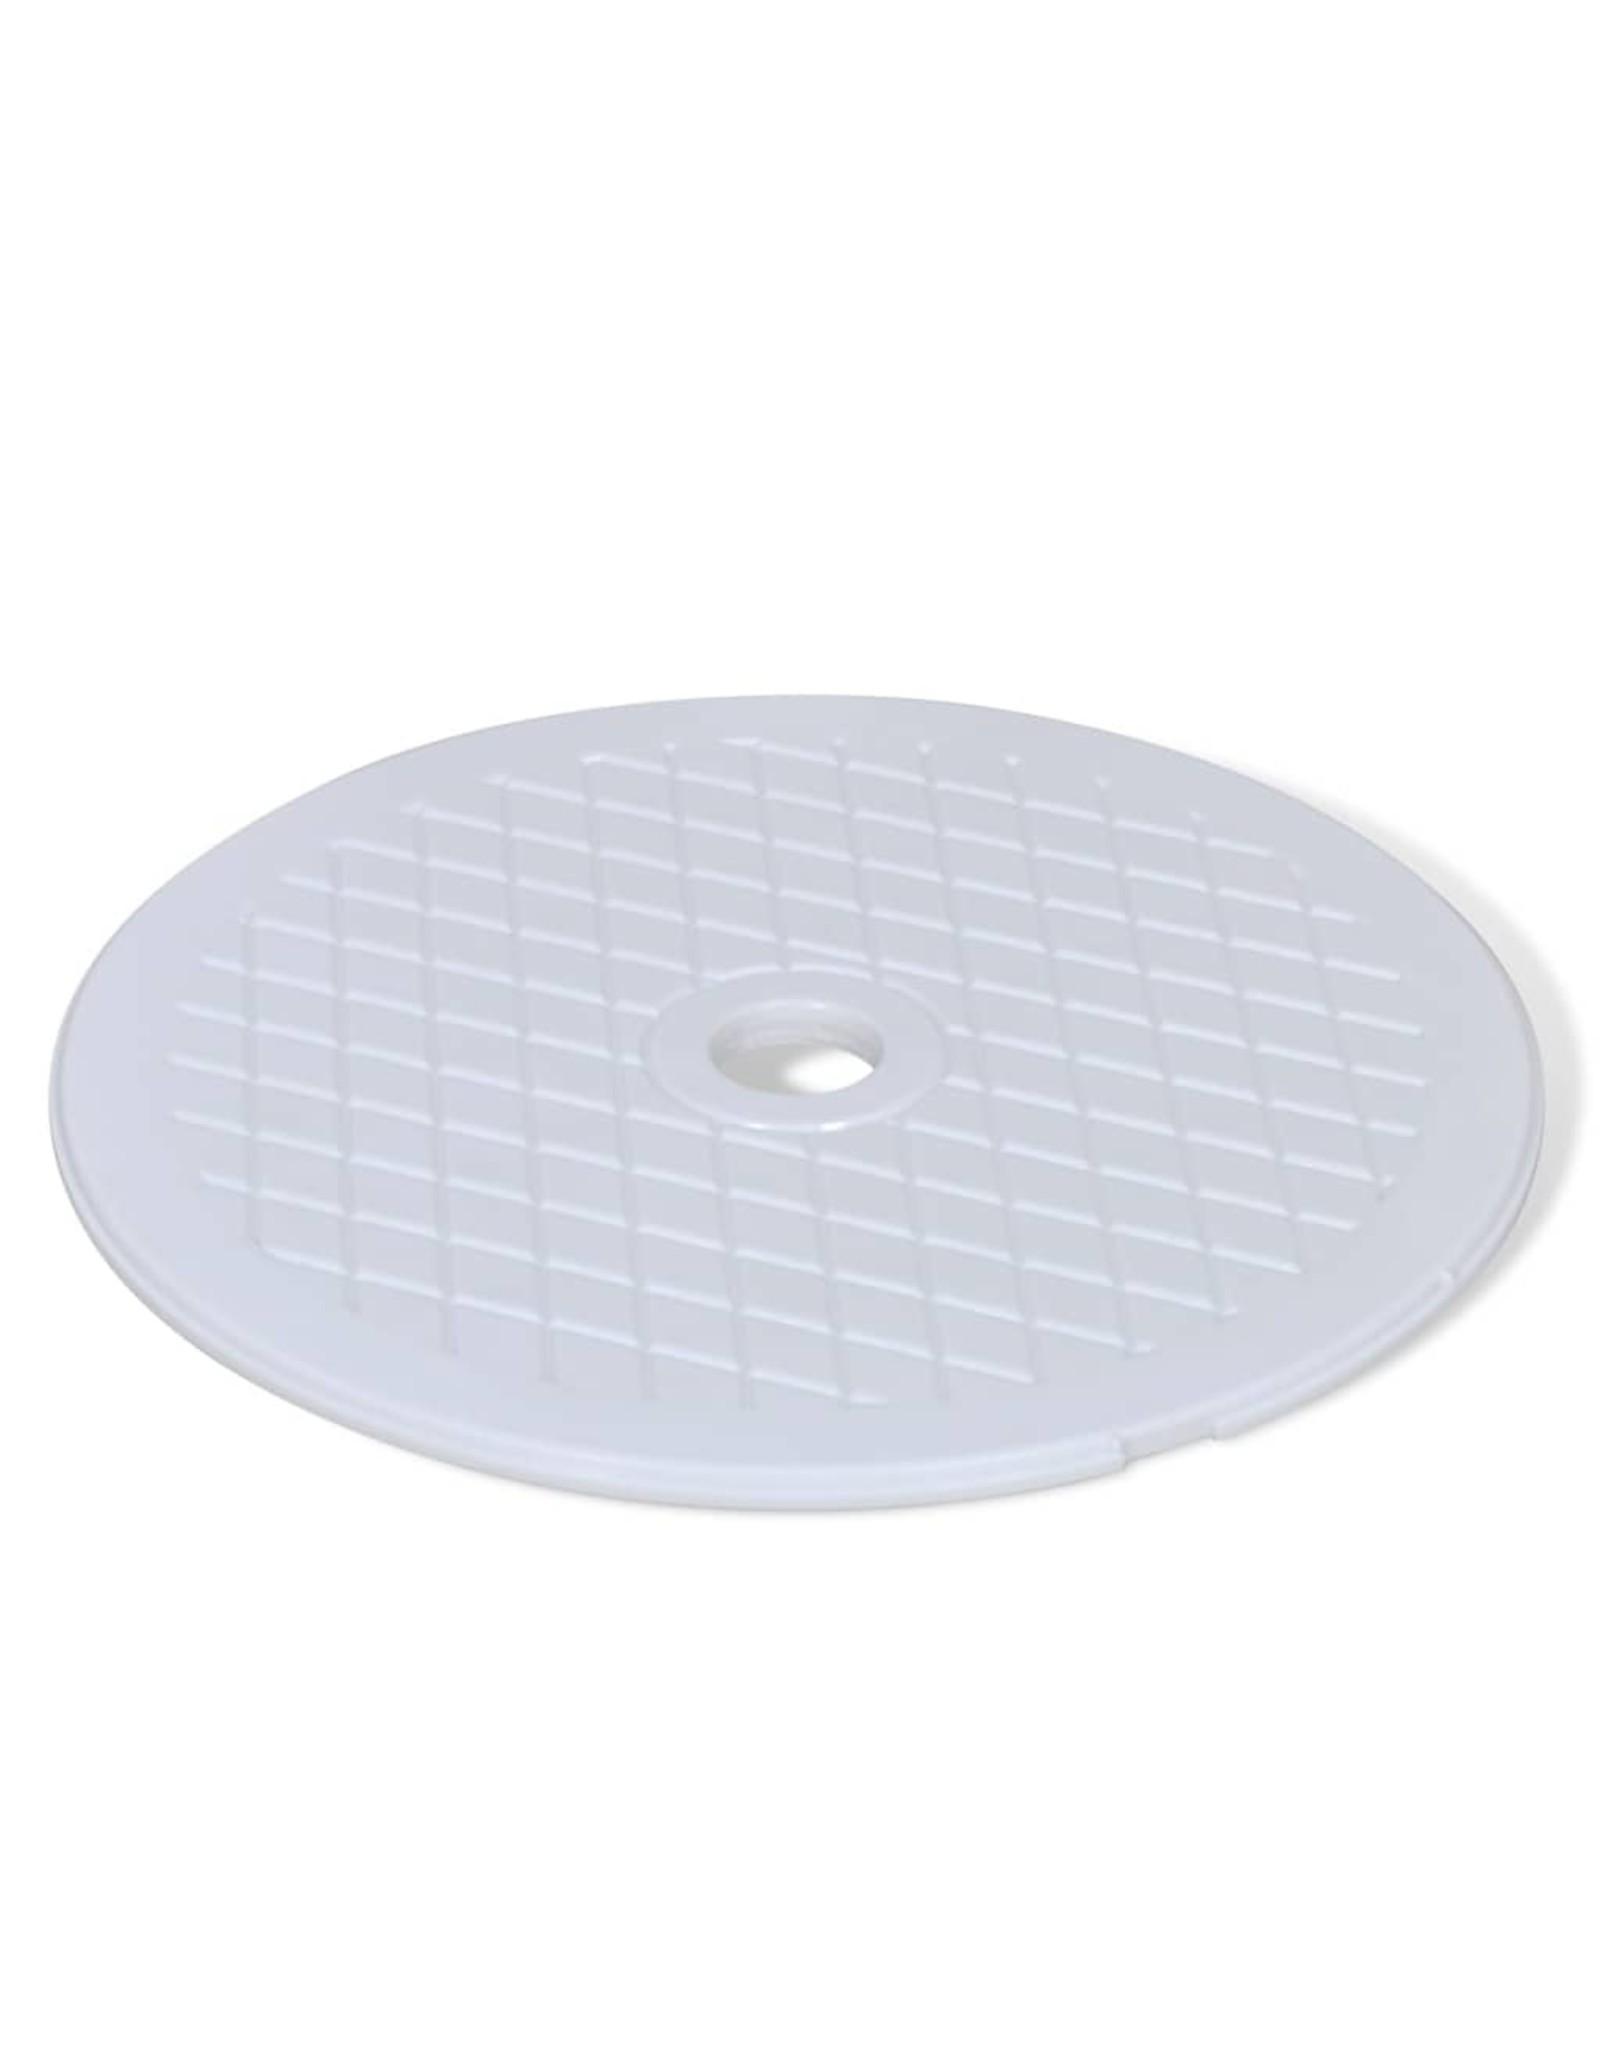 8-delige Zwembadskimmerset 21x25x30,5 cm